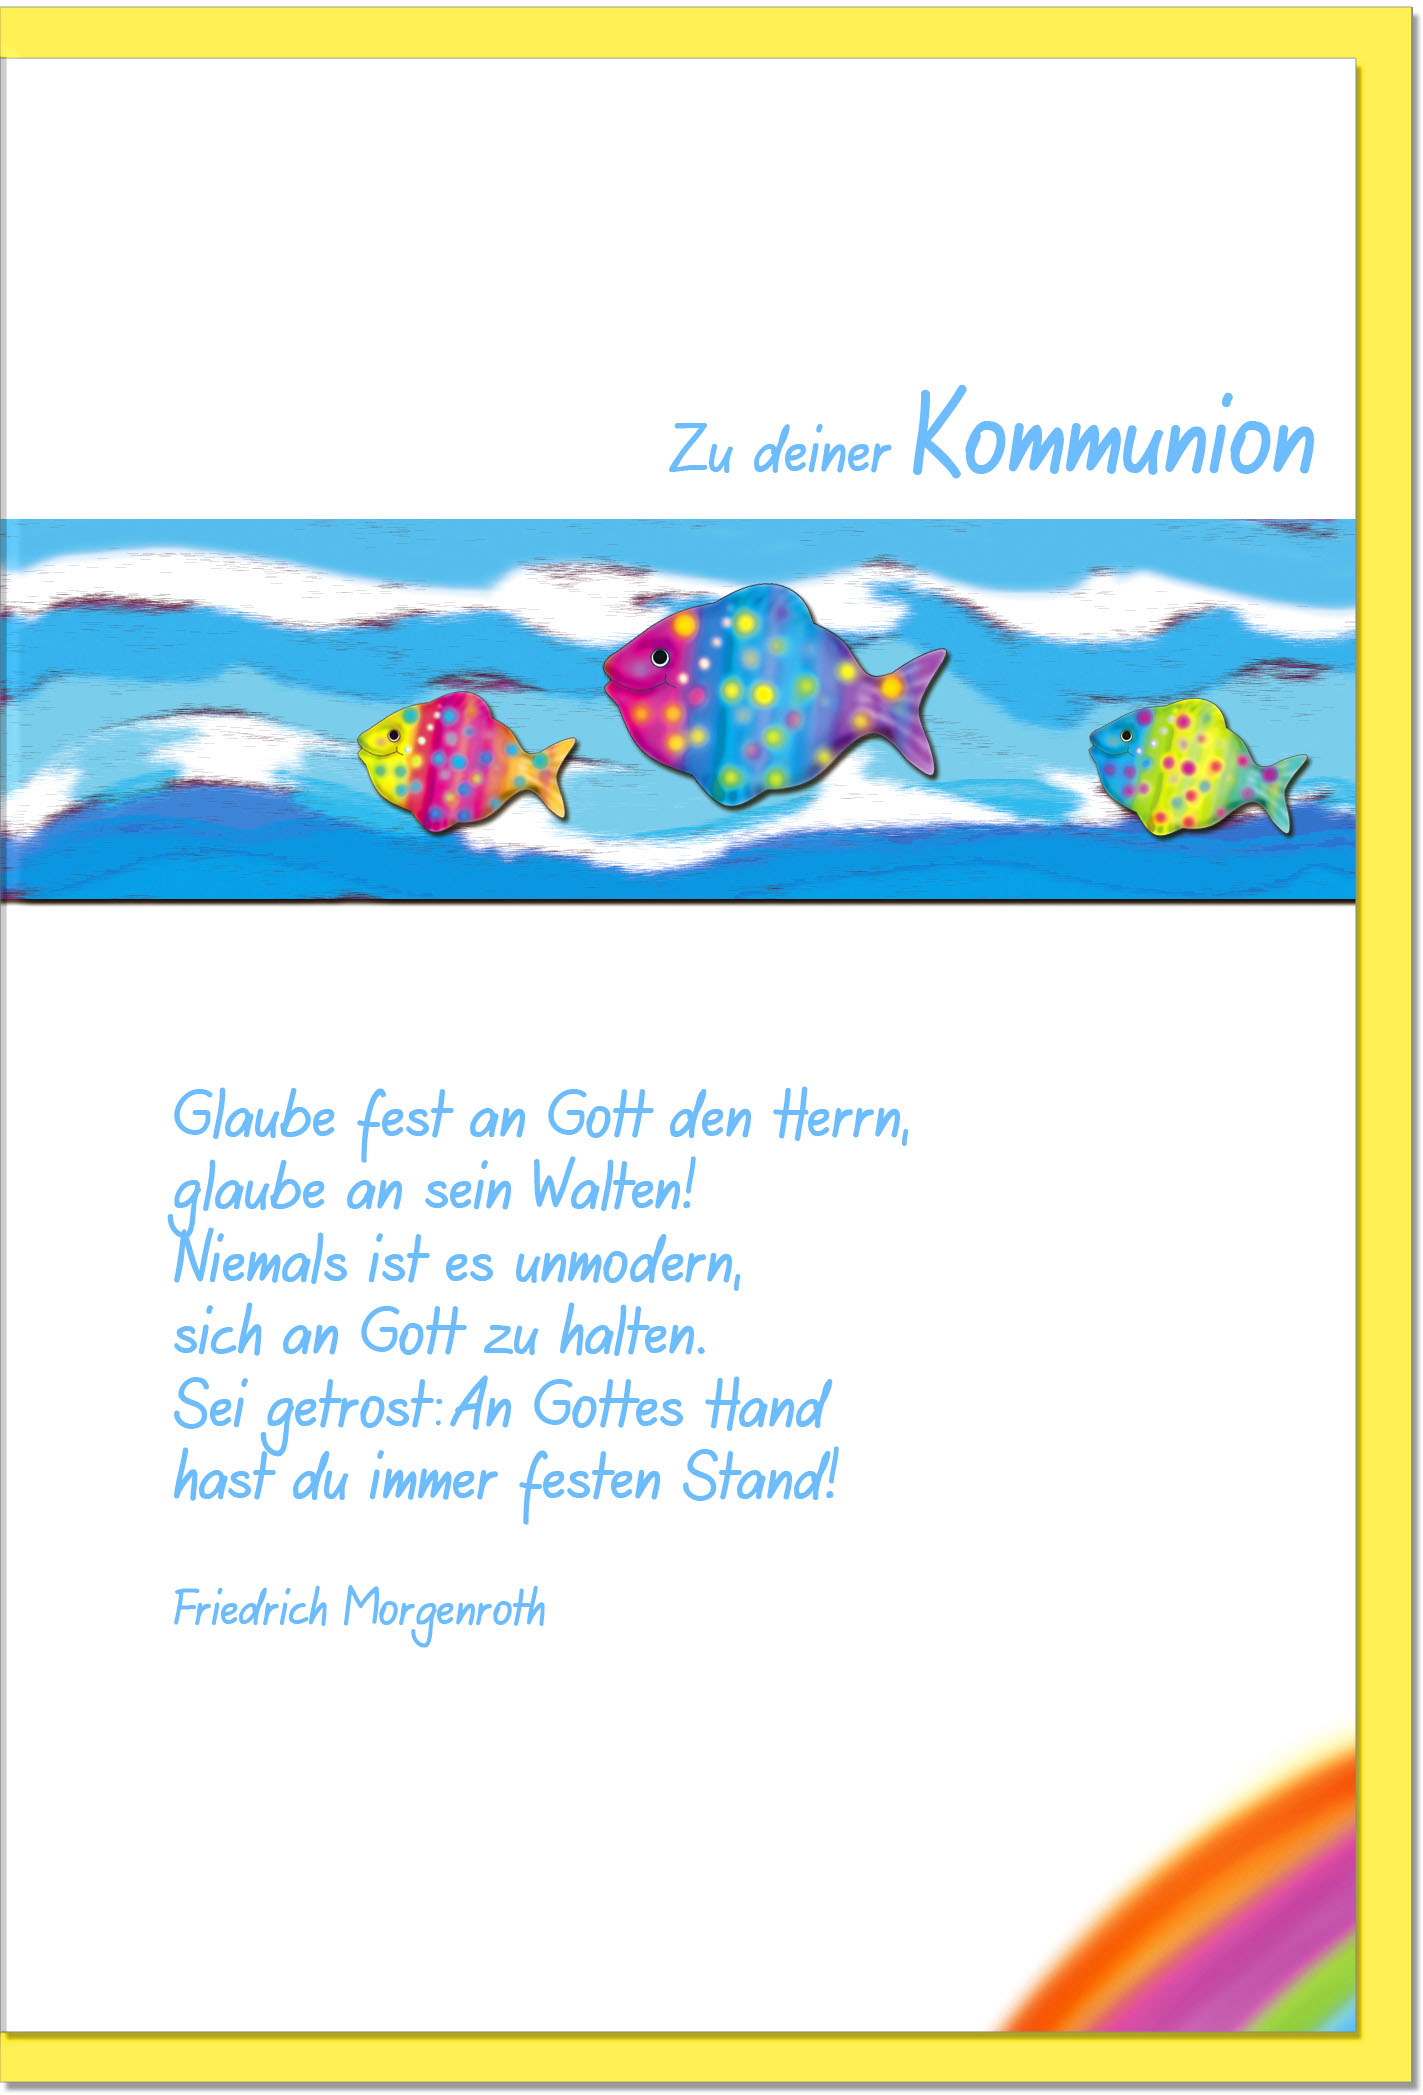 Kommunionskarten / Grußkarten /Kommunion Fische